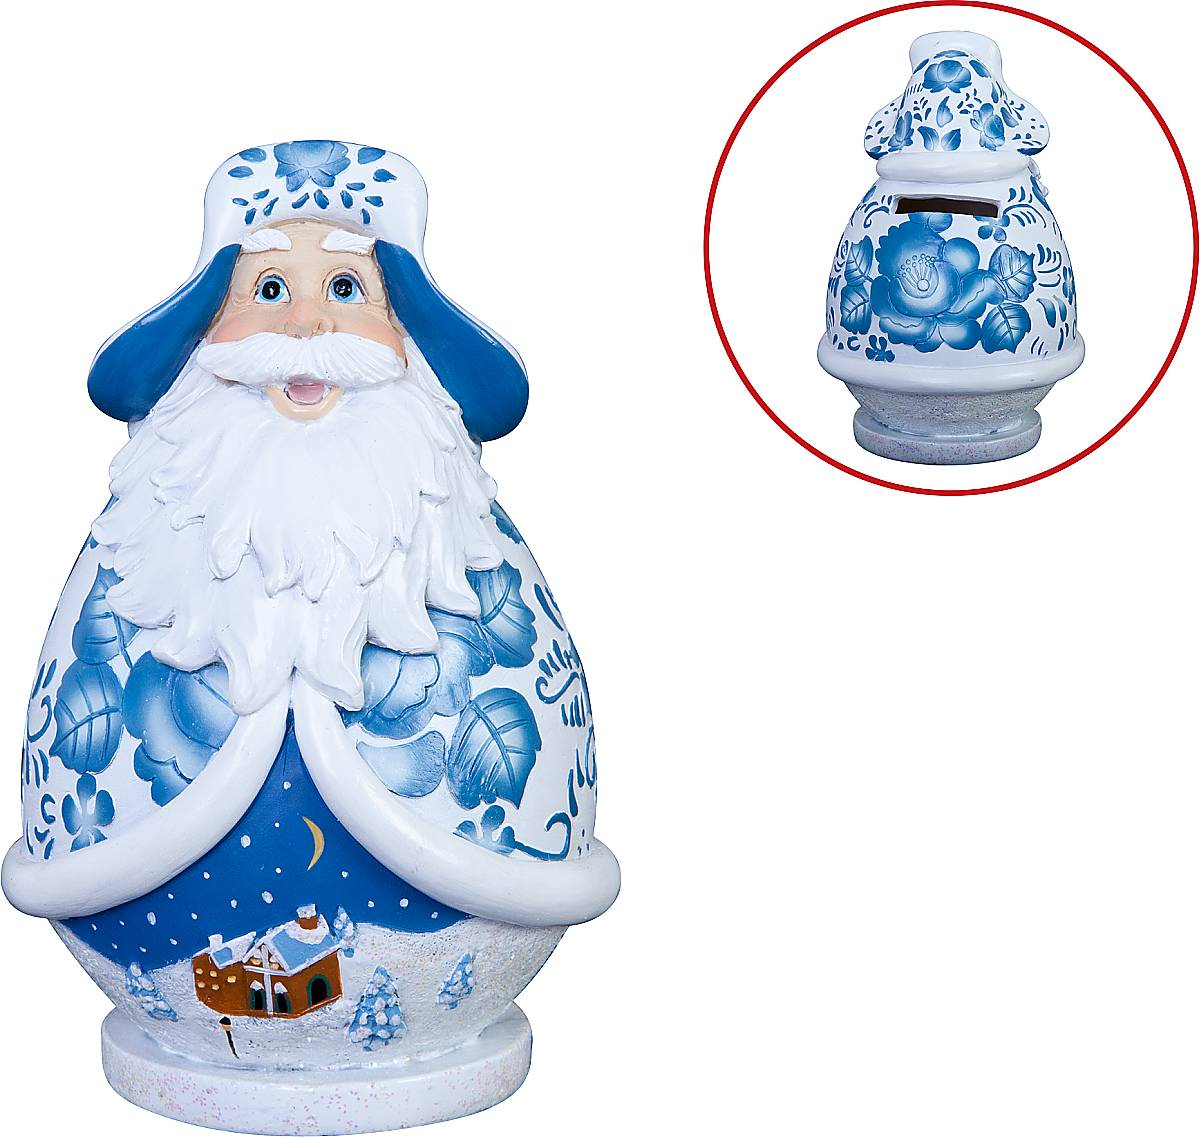 Копилка Mister Christmas Дед Мороз, высота 13 смDKMB-01Декоративная копилка Mister Christmas Дед Мороз изготовленная из полистоуна, станет отличным украшением интерьера вашего дома или офиса. На задней стенке имеется прорезь для монет. На дне расположен клапан, через который можно достать деньги.Яркий оригинальный дизайн сделает такую копилку прекрасным подарком. Она послужит не только по своему прямому назначению, но и красиво дополнит интерьер комнаты в преддверии Нового года.Высота копилки: 13 см.